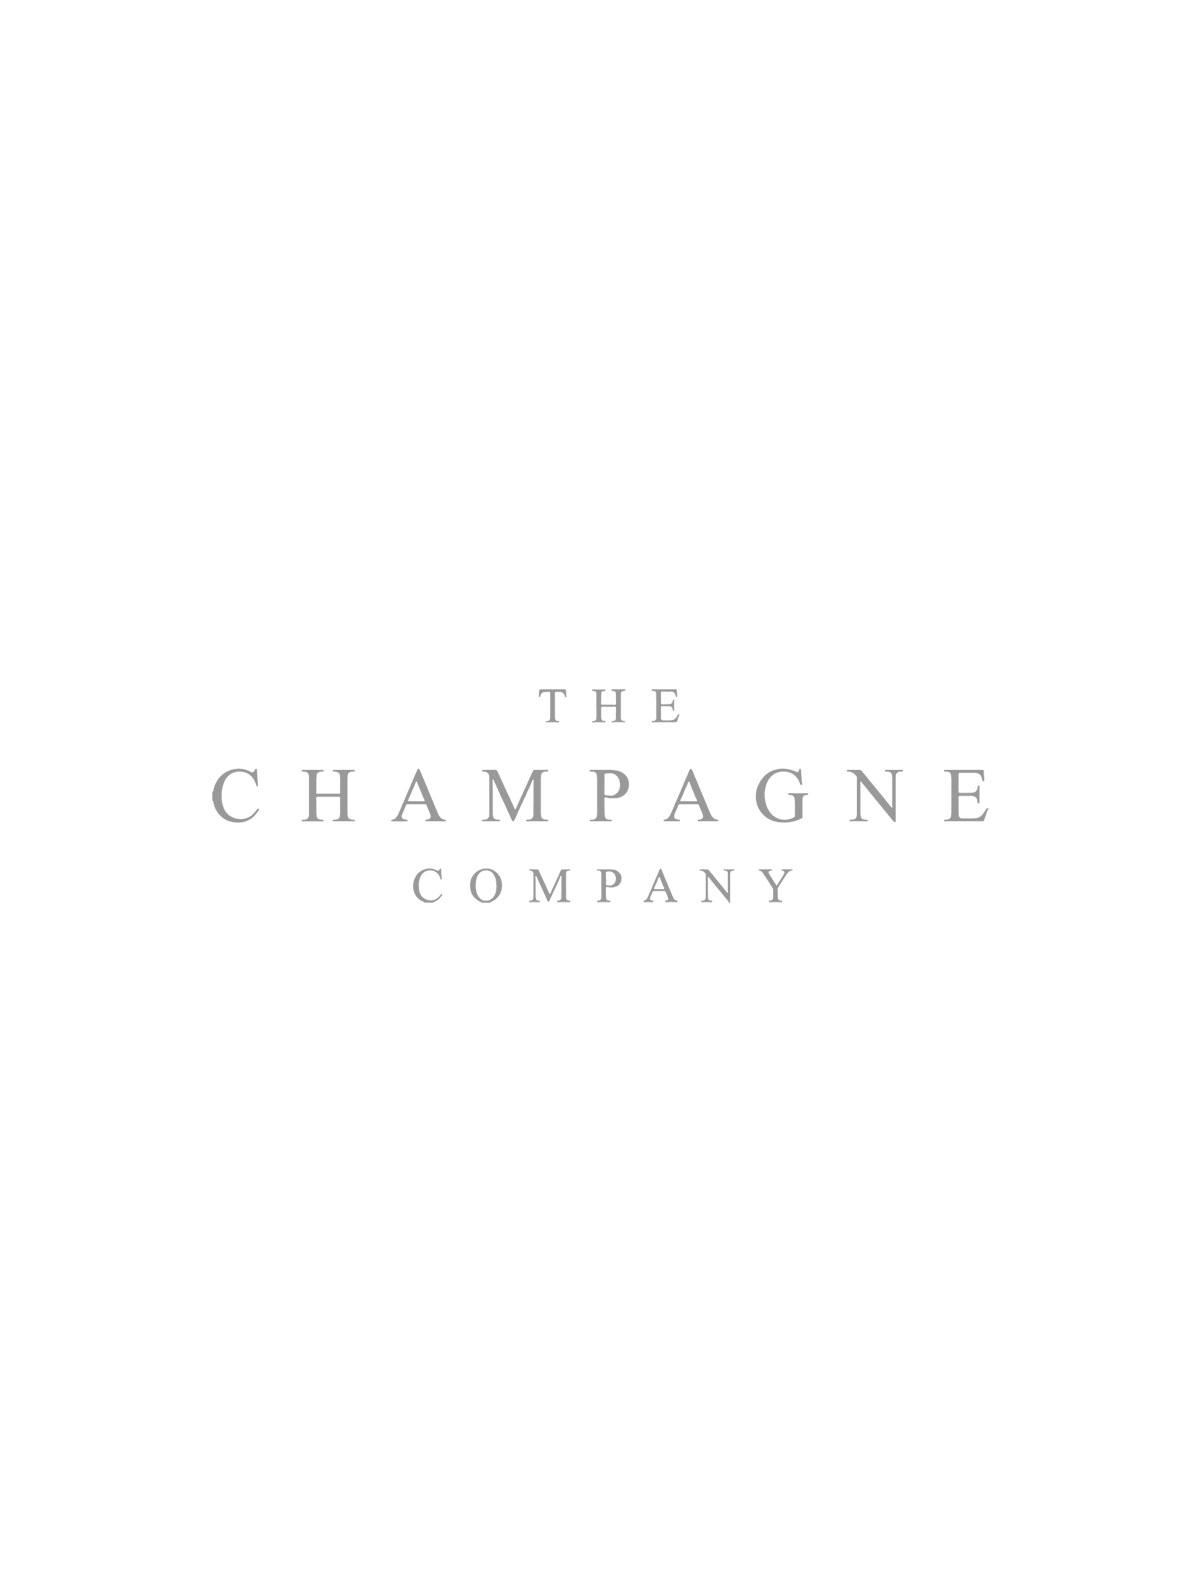 Mamont Siberian Vodka 70cl & Gift Box